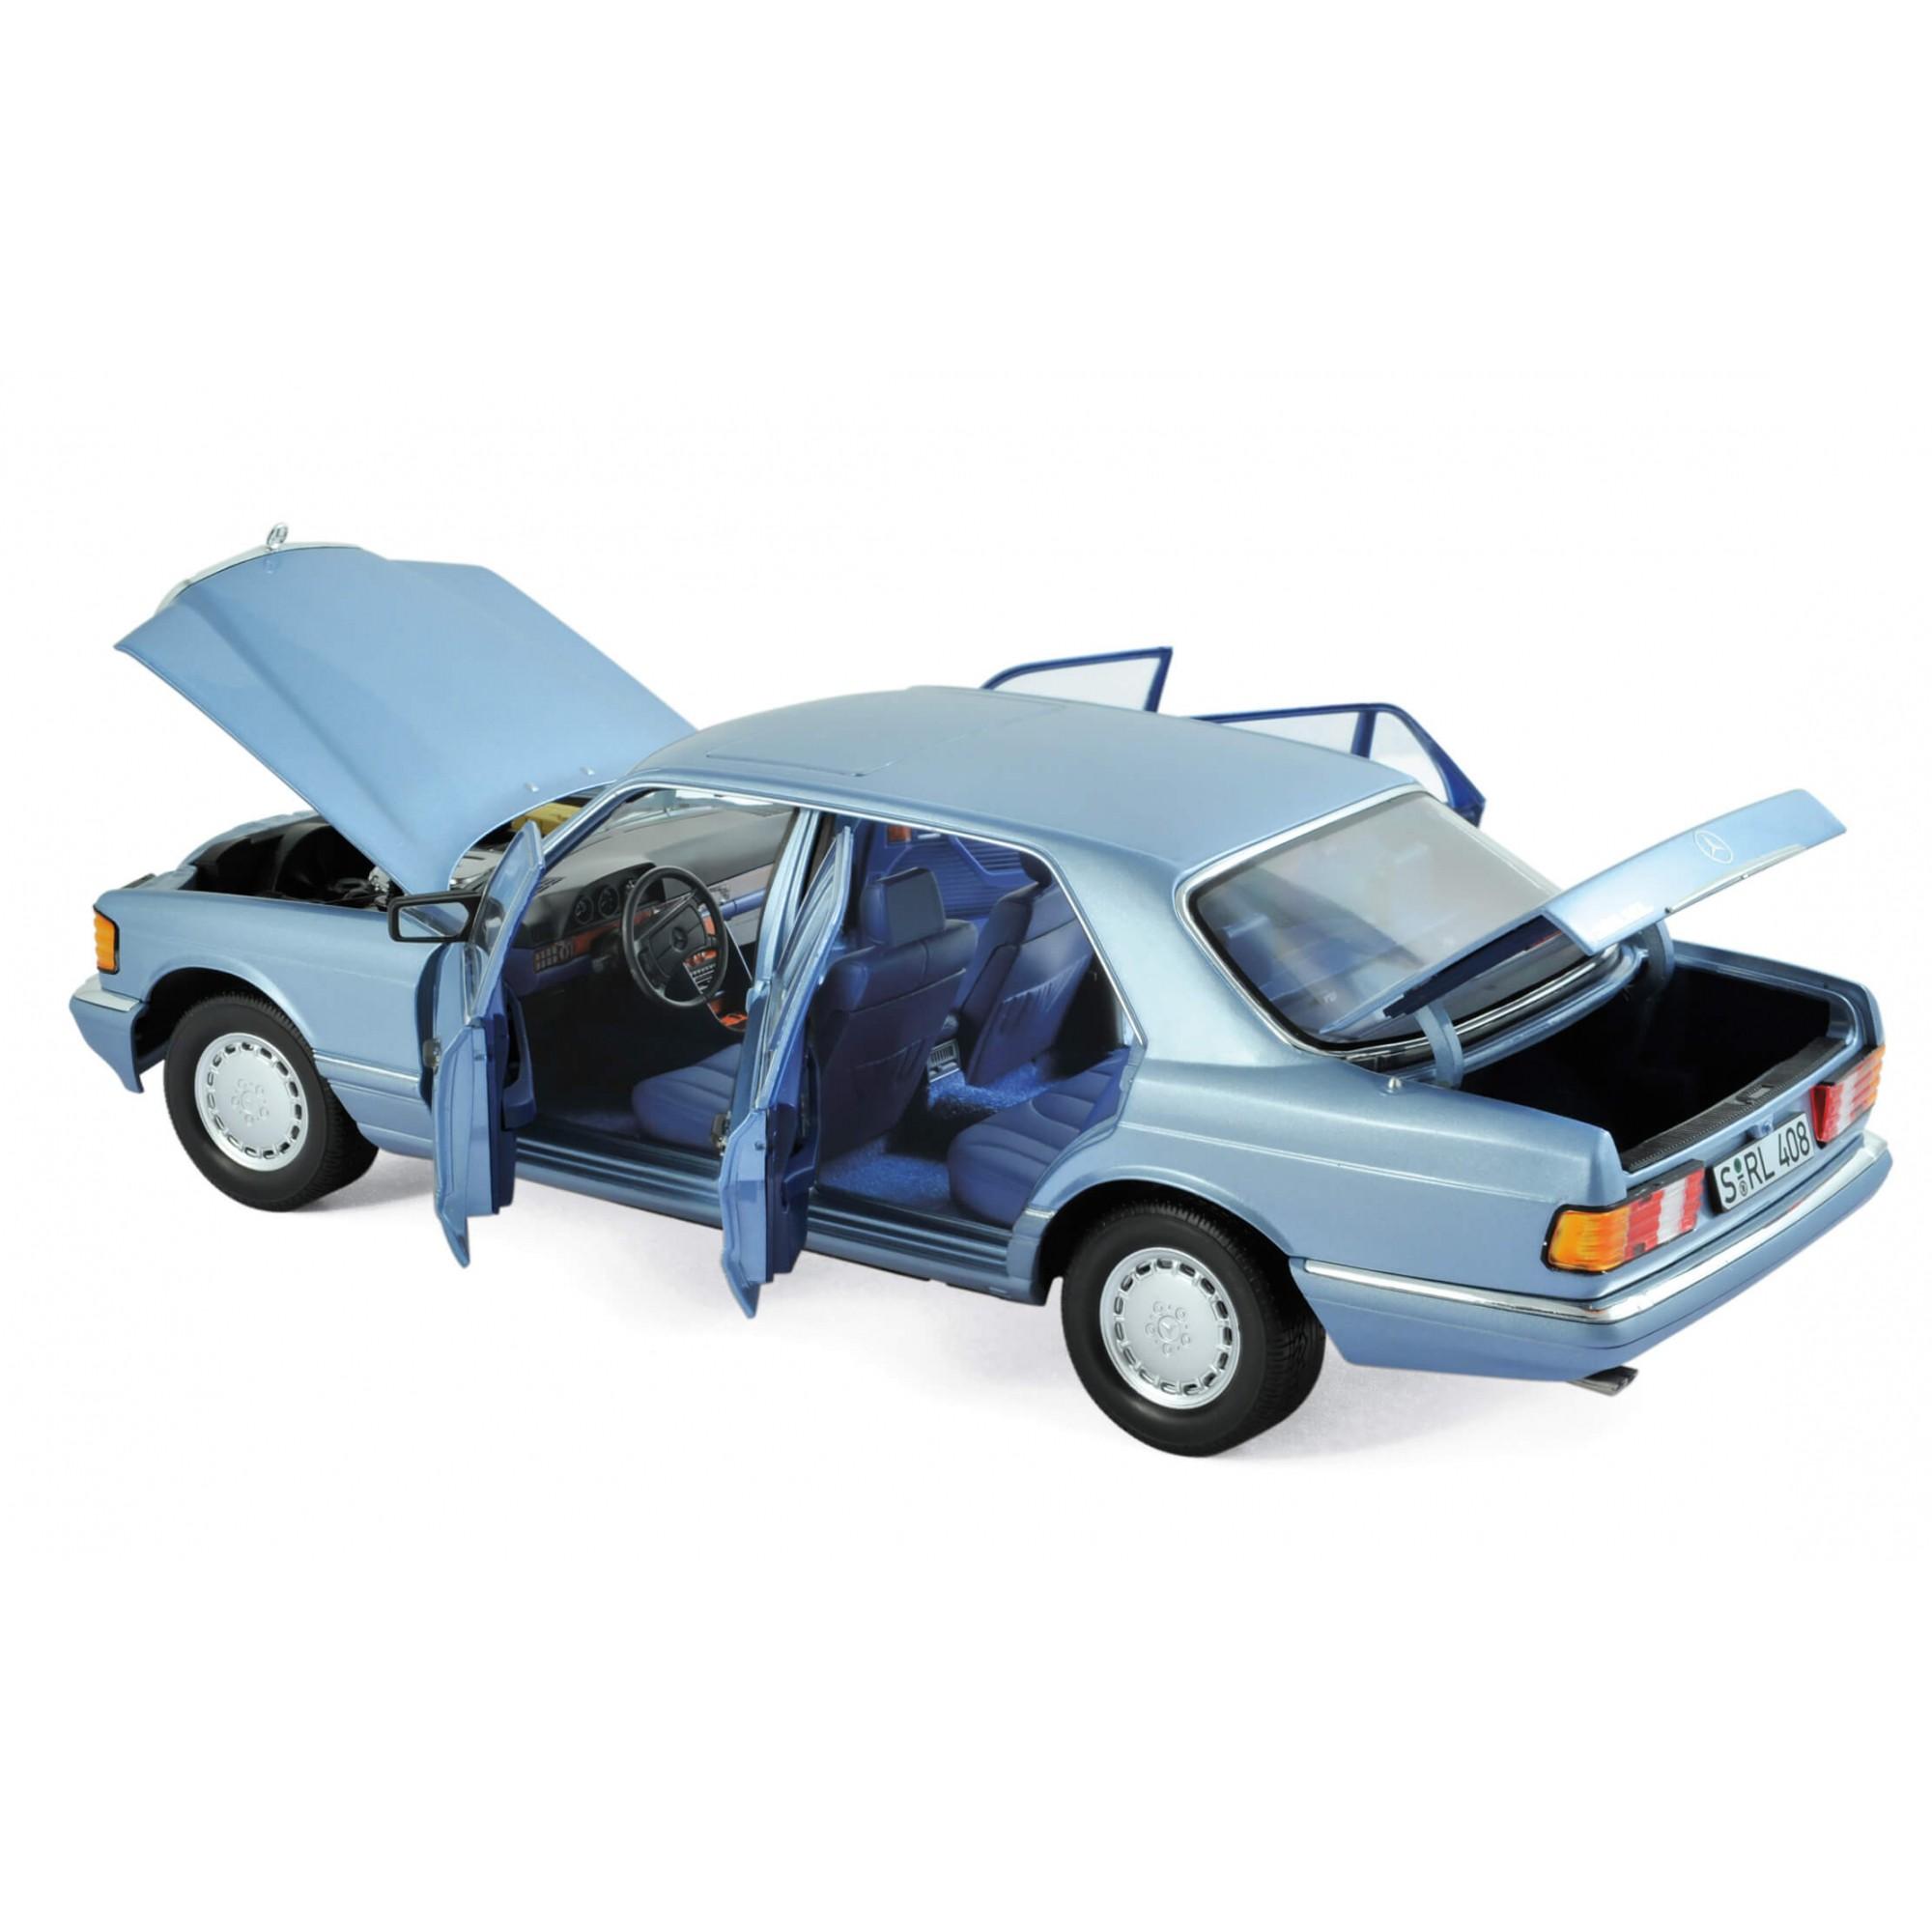 Miniatura Mercedes Benz 560 SEL 1991 1/18 Norev